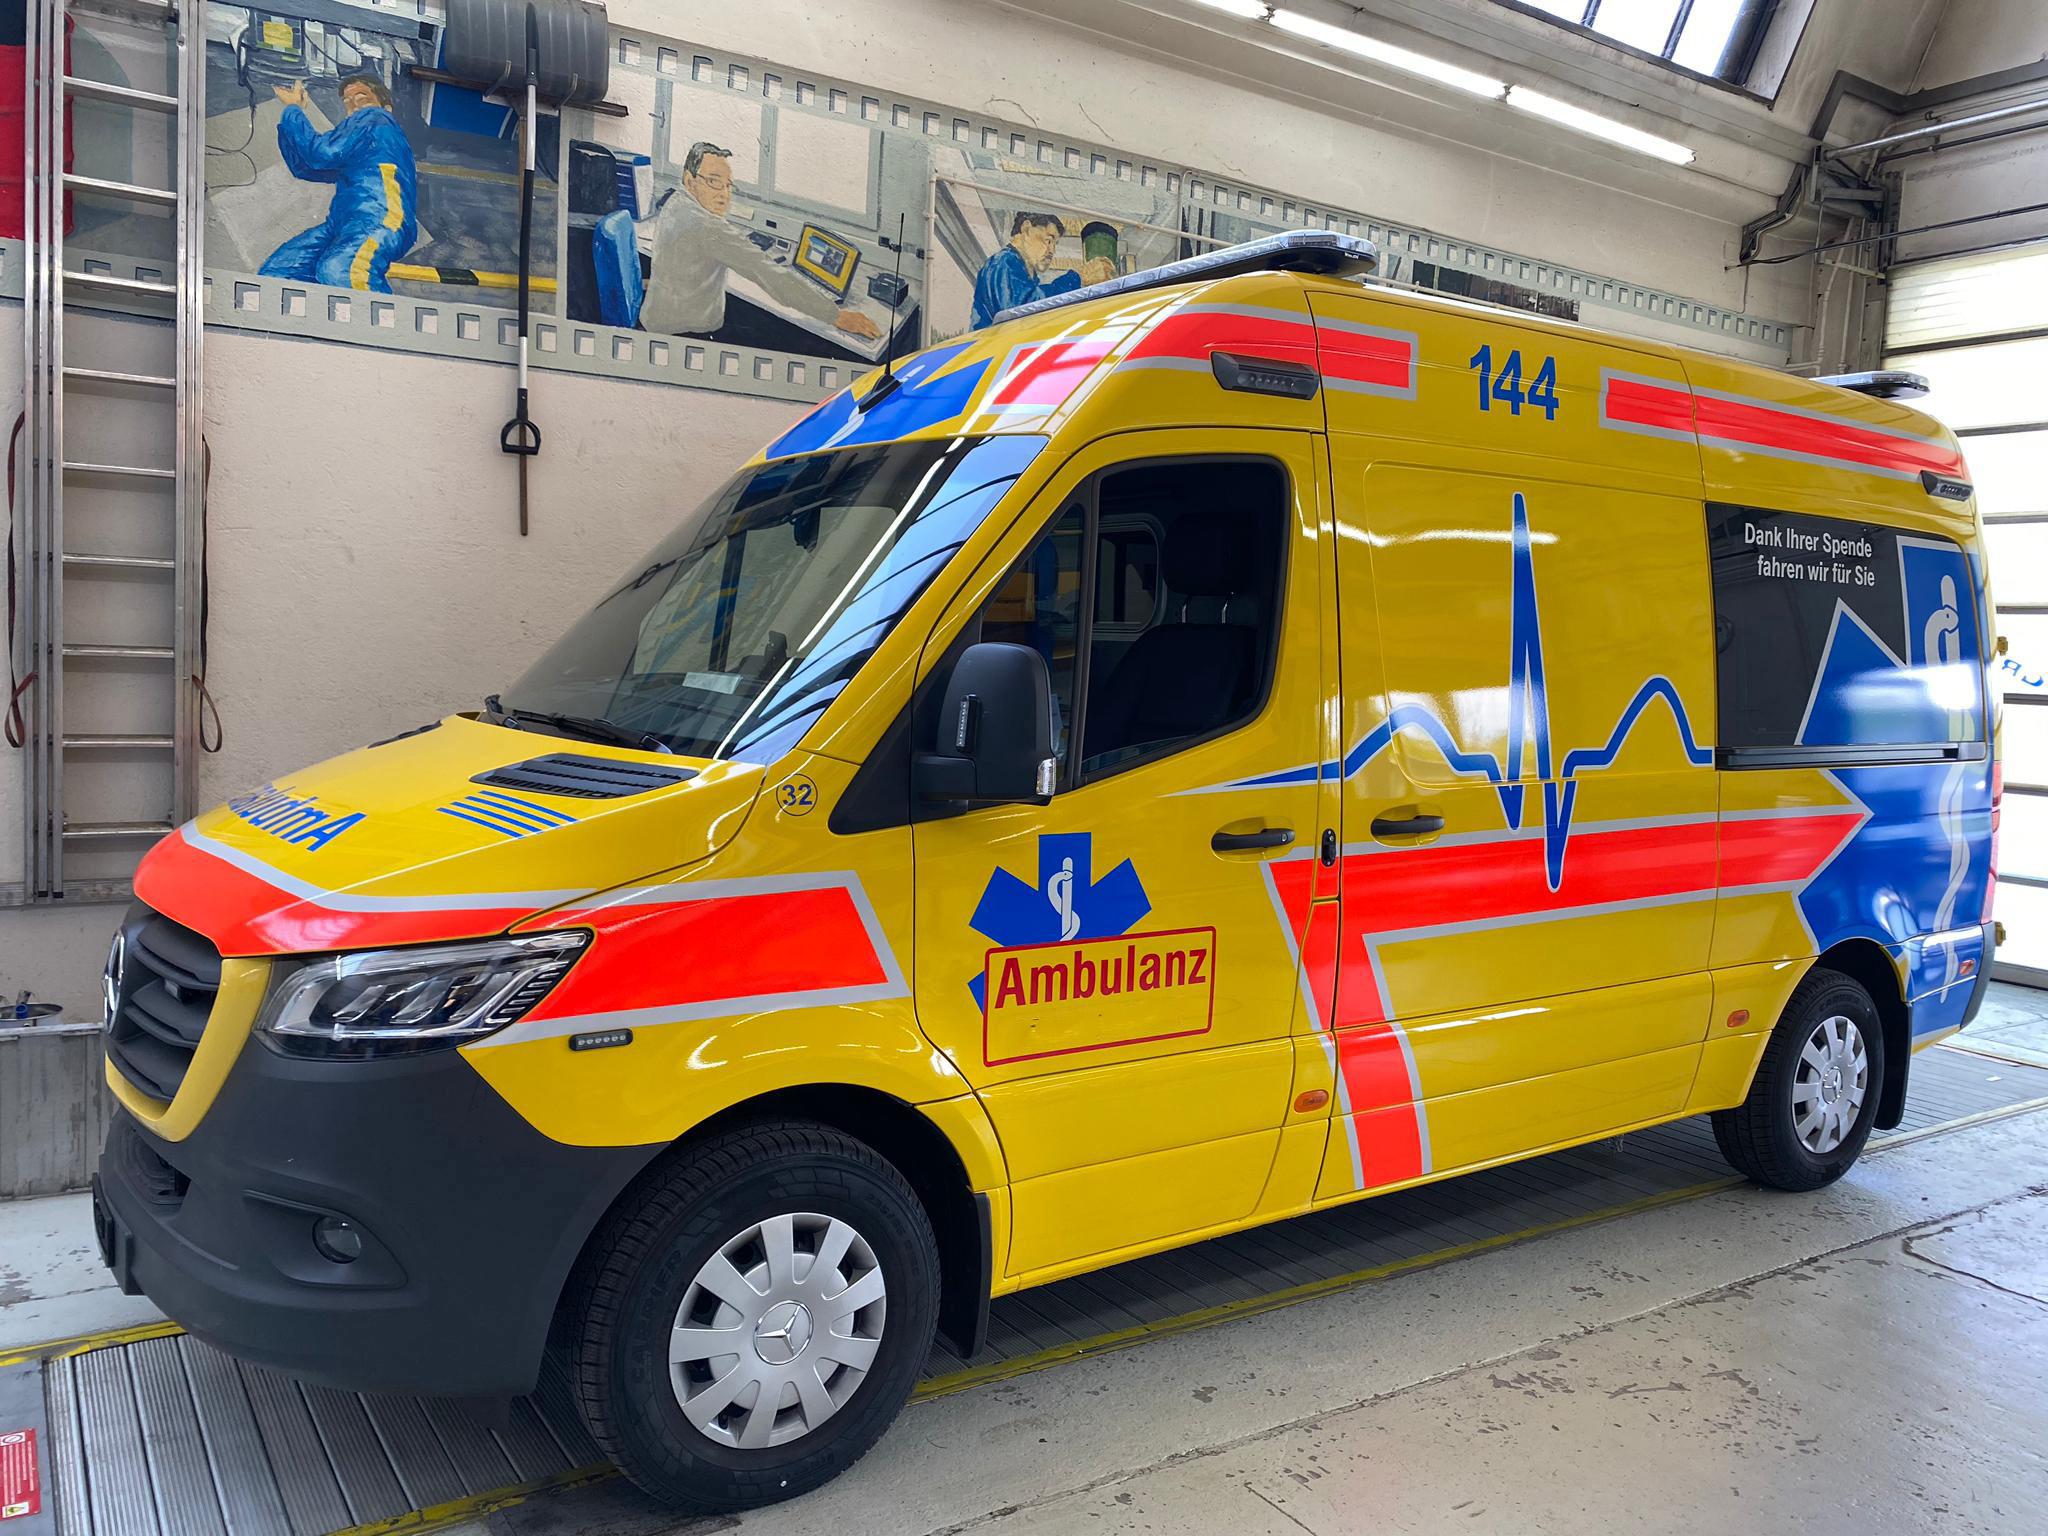 Schleuderketten Rotogrip LT für leichte Nutzfahrzeuge wie Ambulanzfahrzeuge